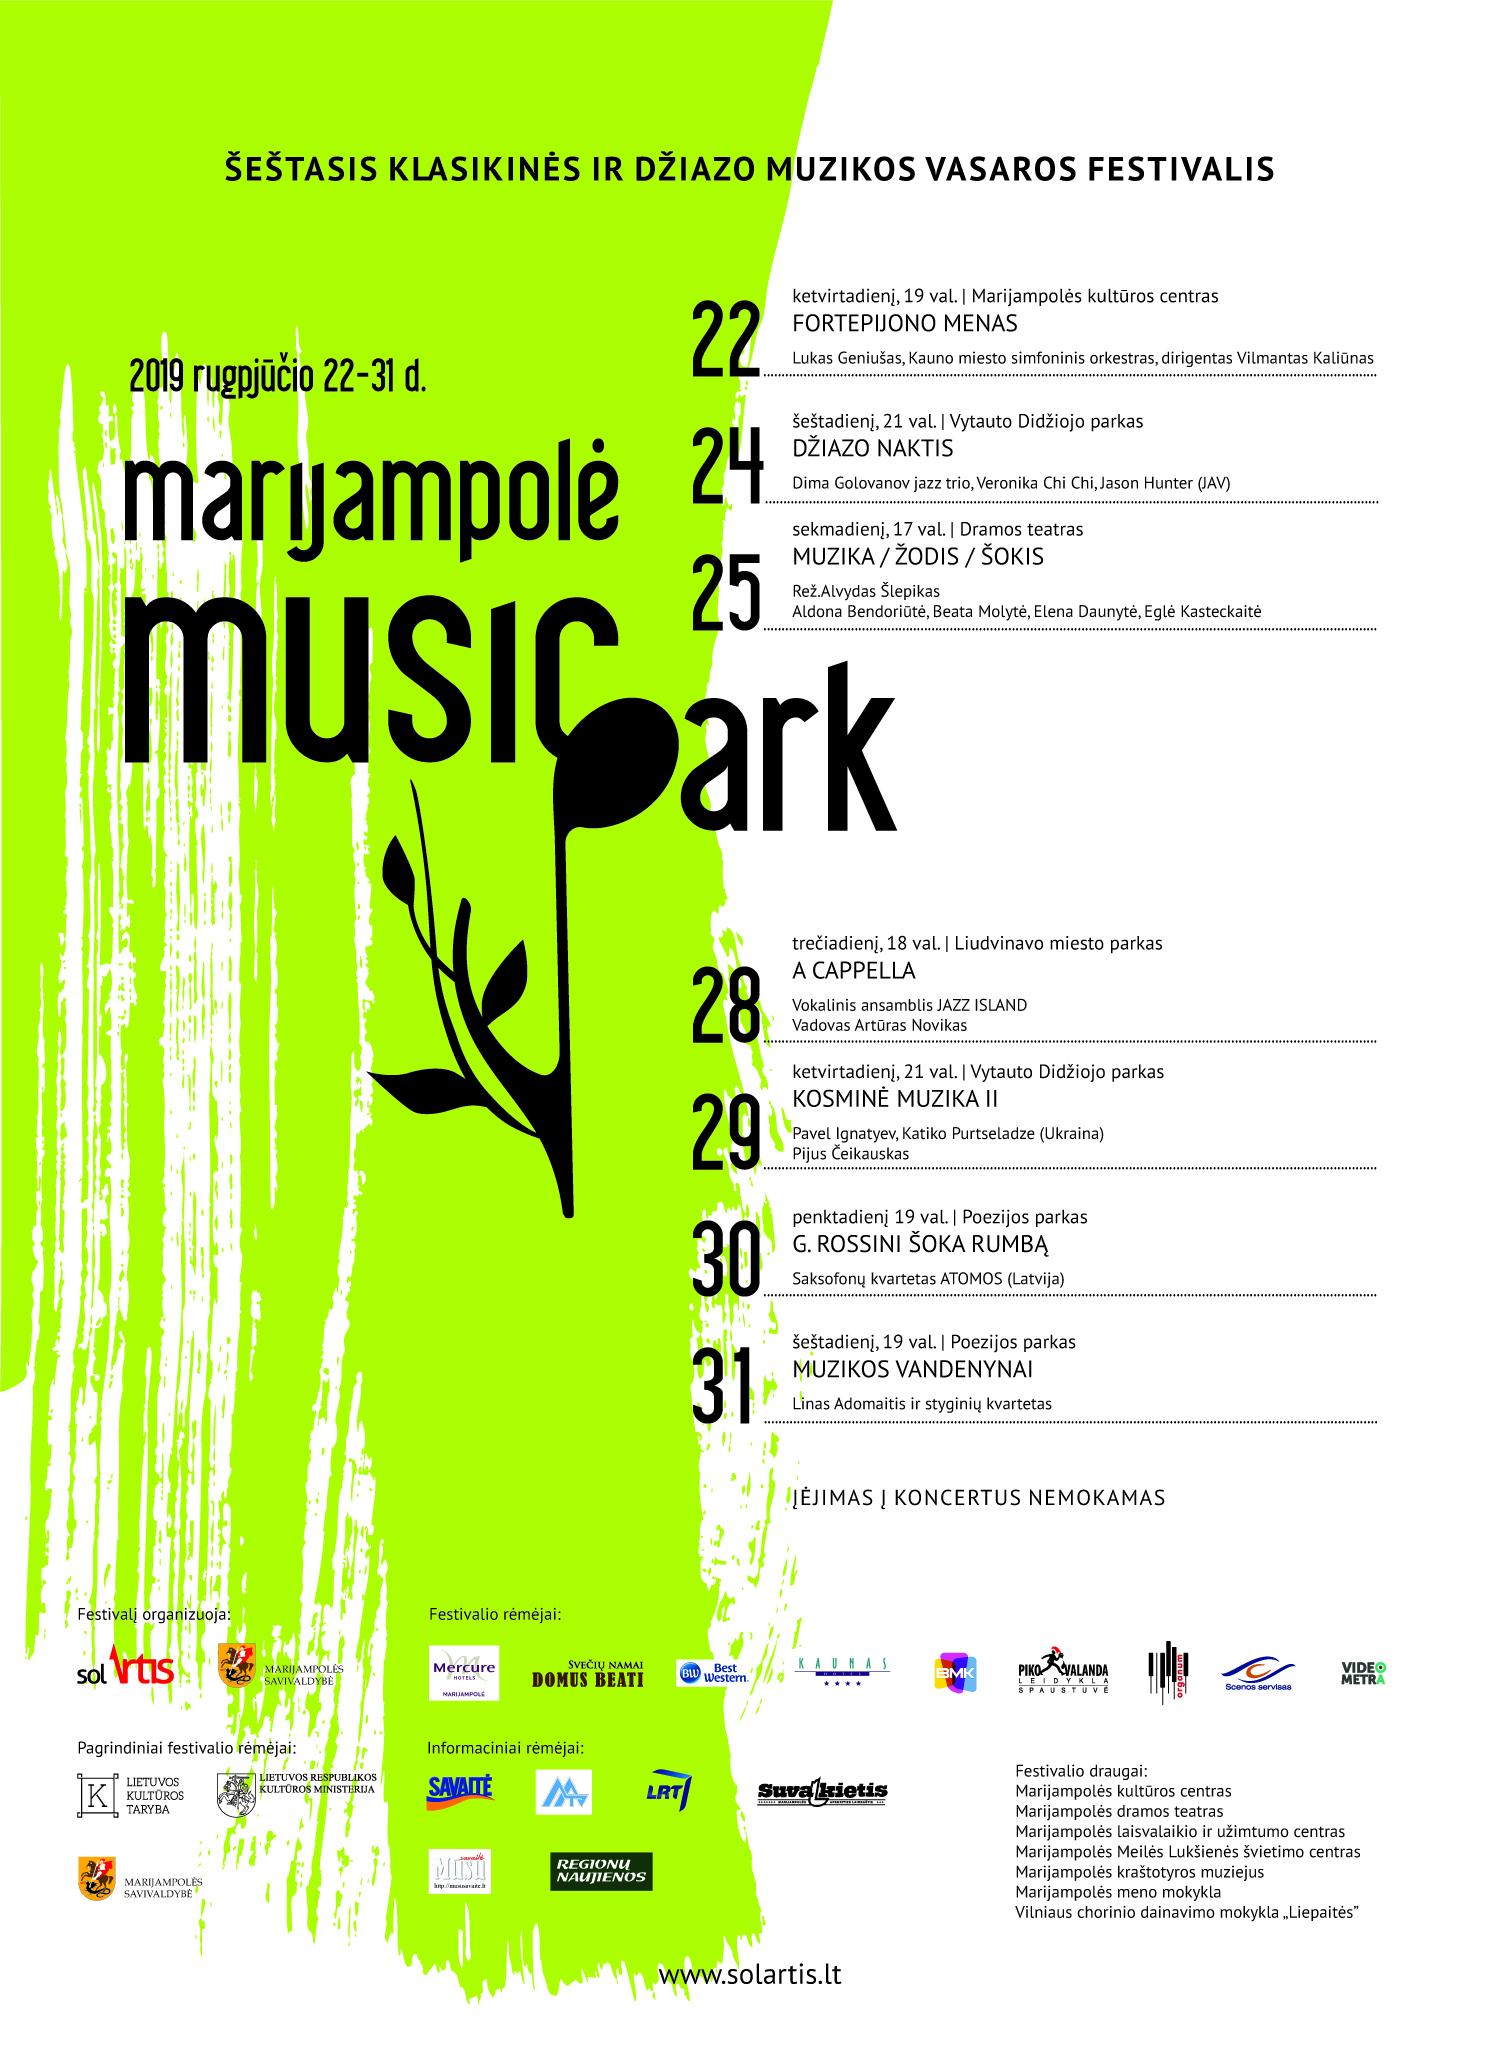 Šeštasis klasikinės ir džiazo muzikos festivalis